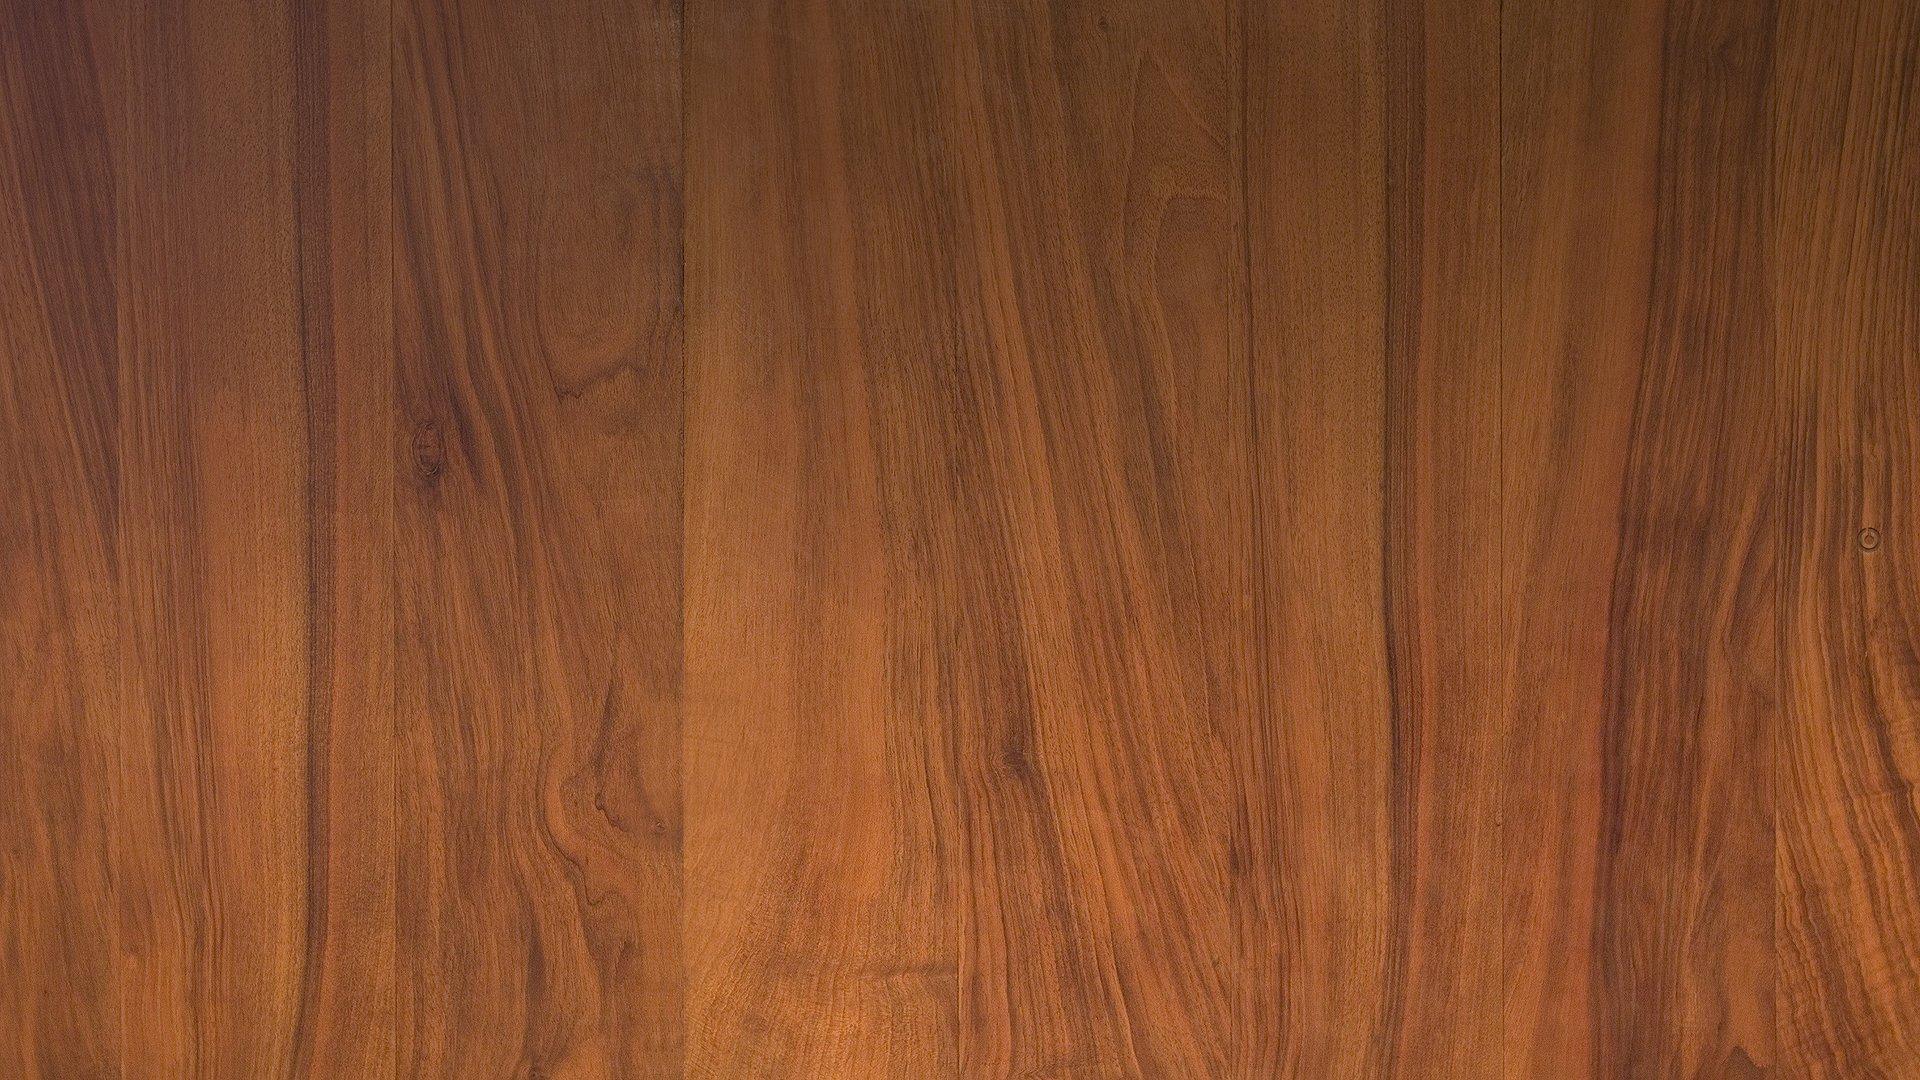 madera full hd fondo de pantalla and fondo de escritorio